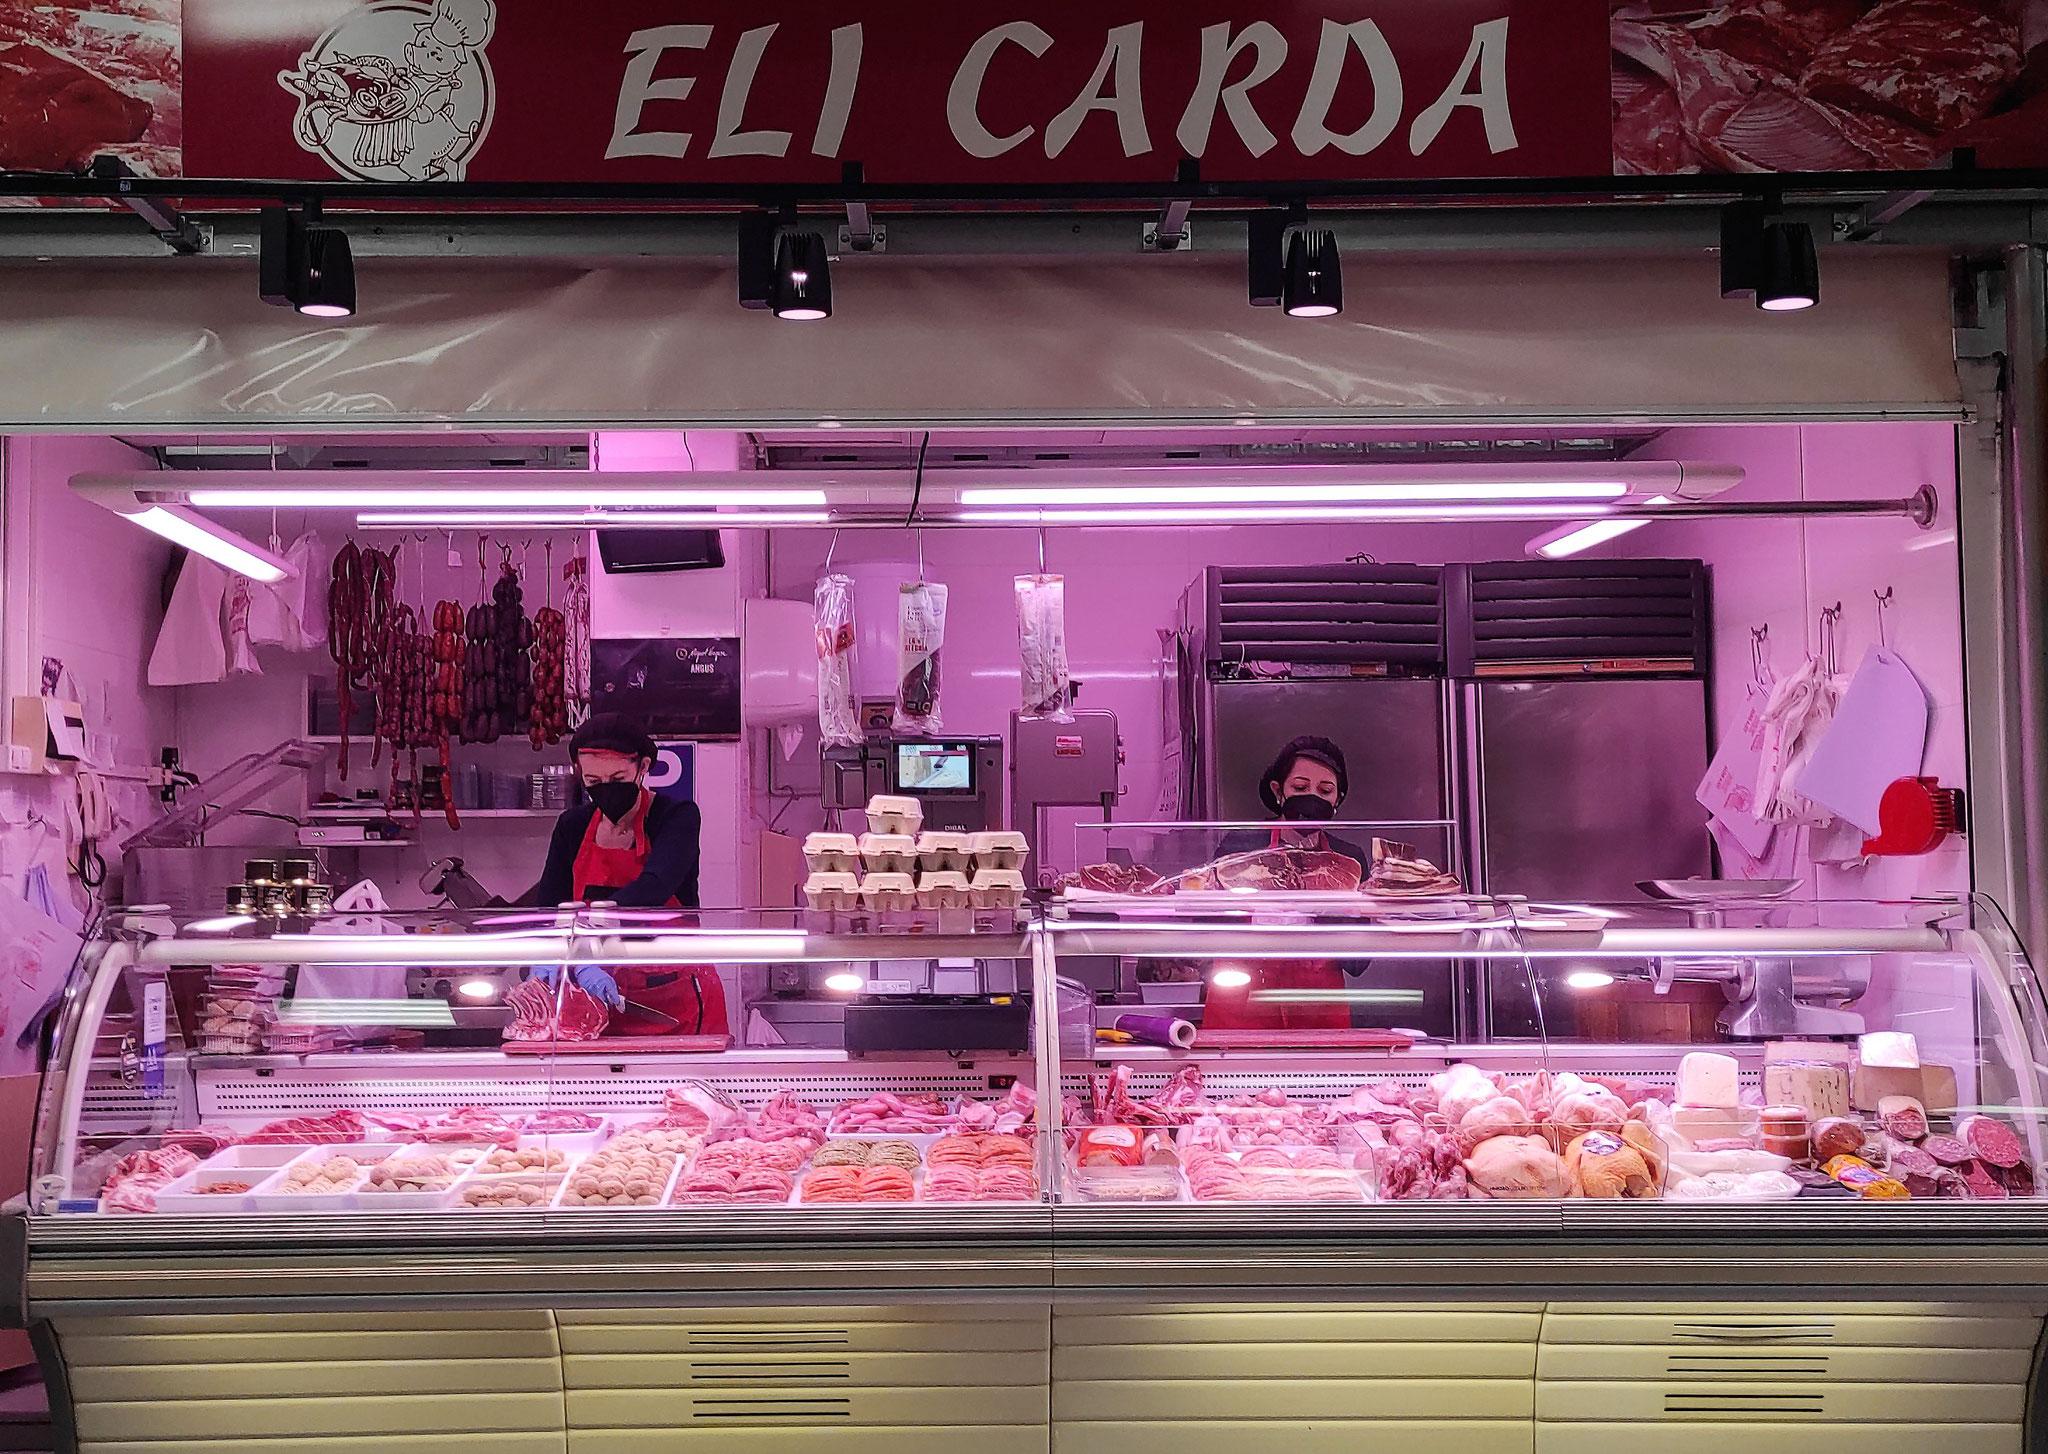 <b>Carnicería Eli Carda</b><br>Carnicería Tradicional